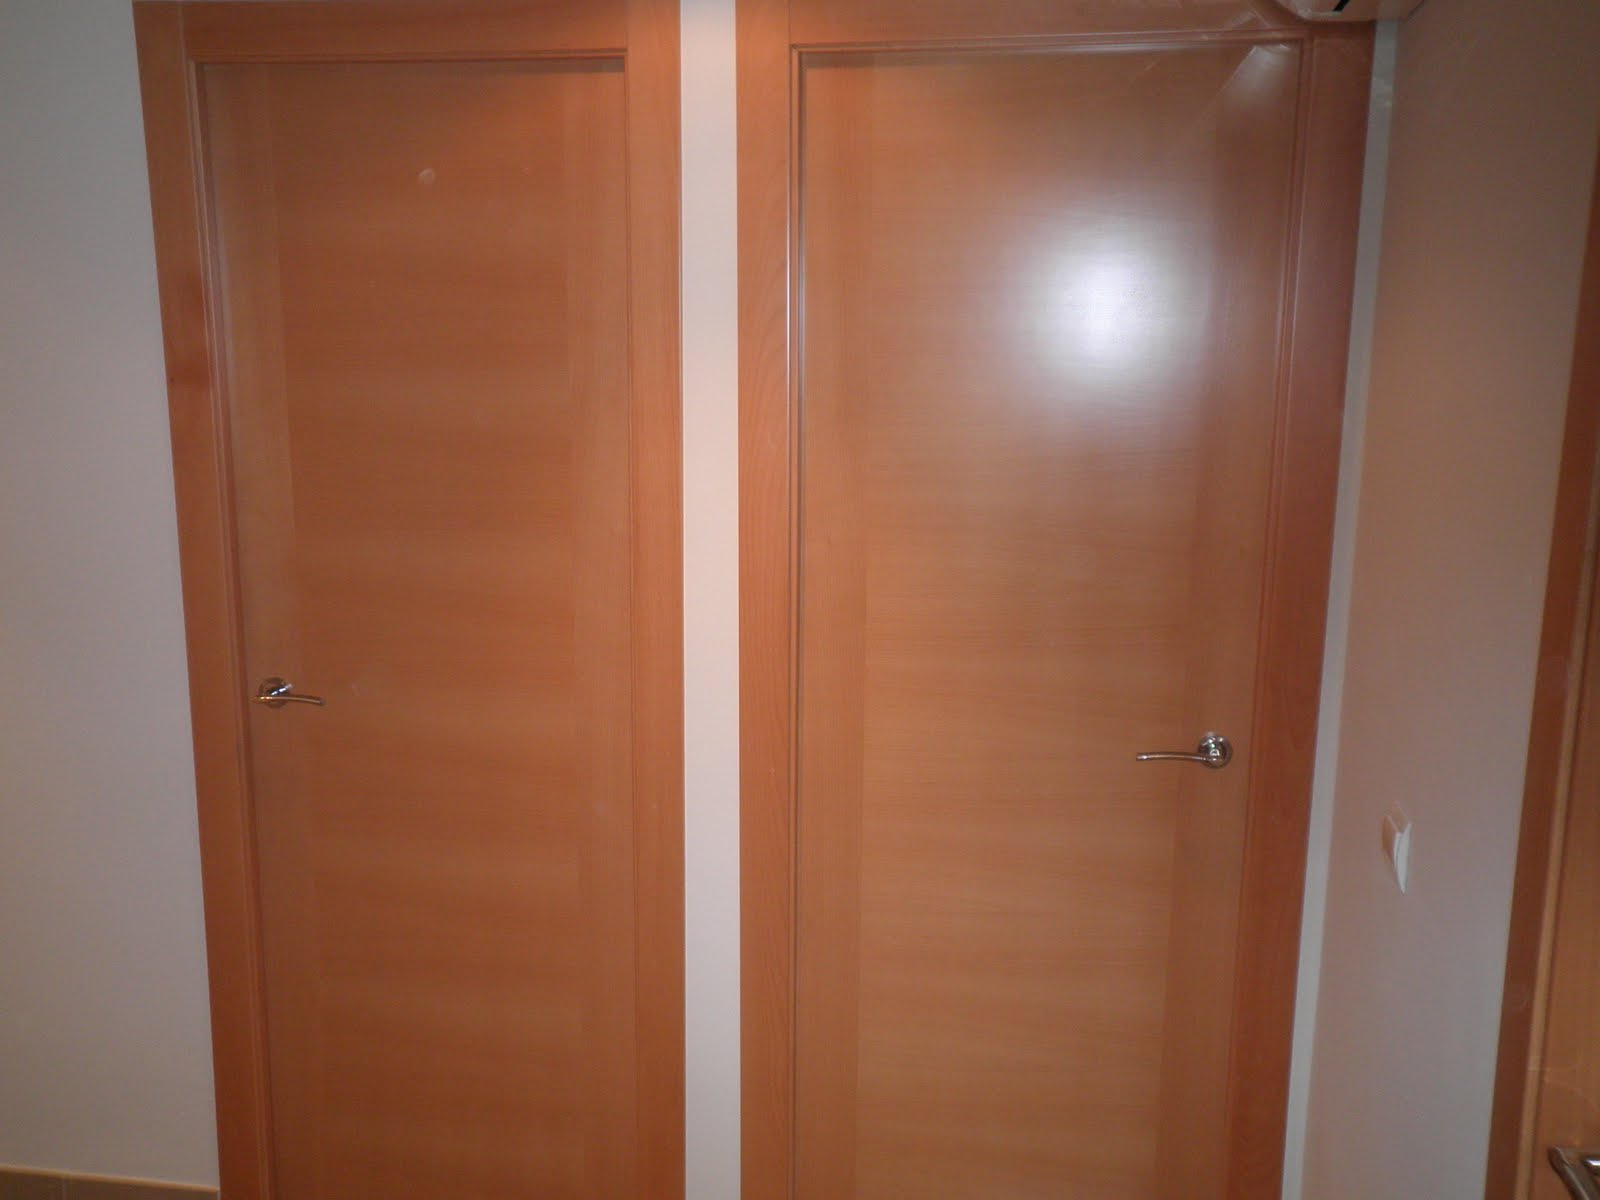 Decoraciones sahuquillo puertas haya mod h for Puertas de aluminio para cuartos